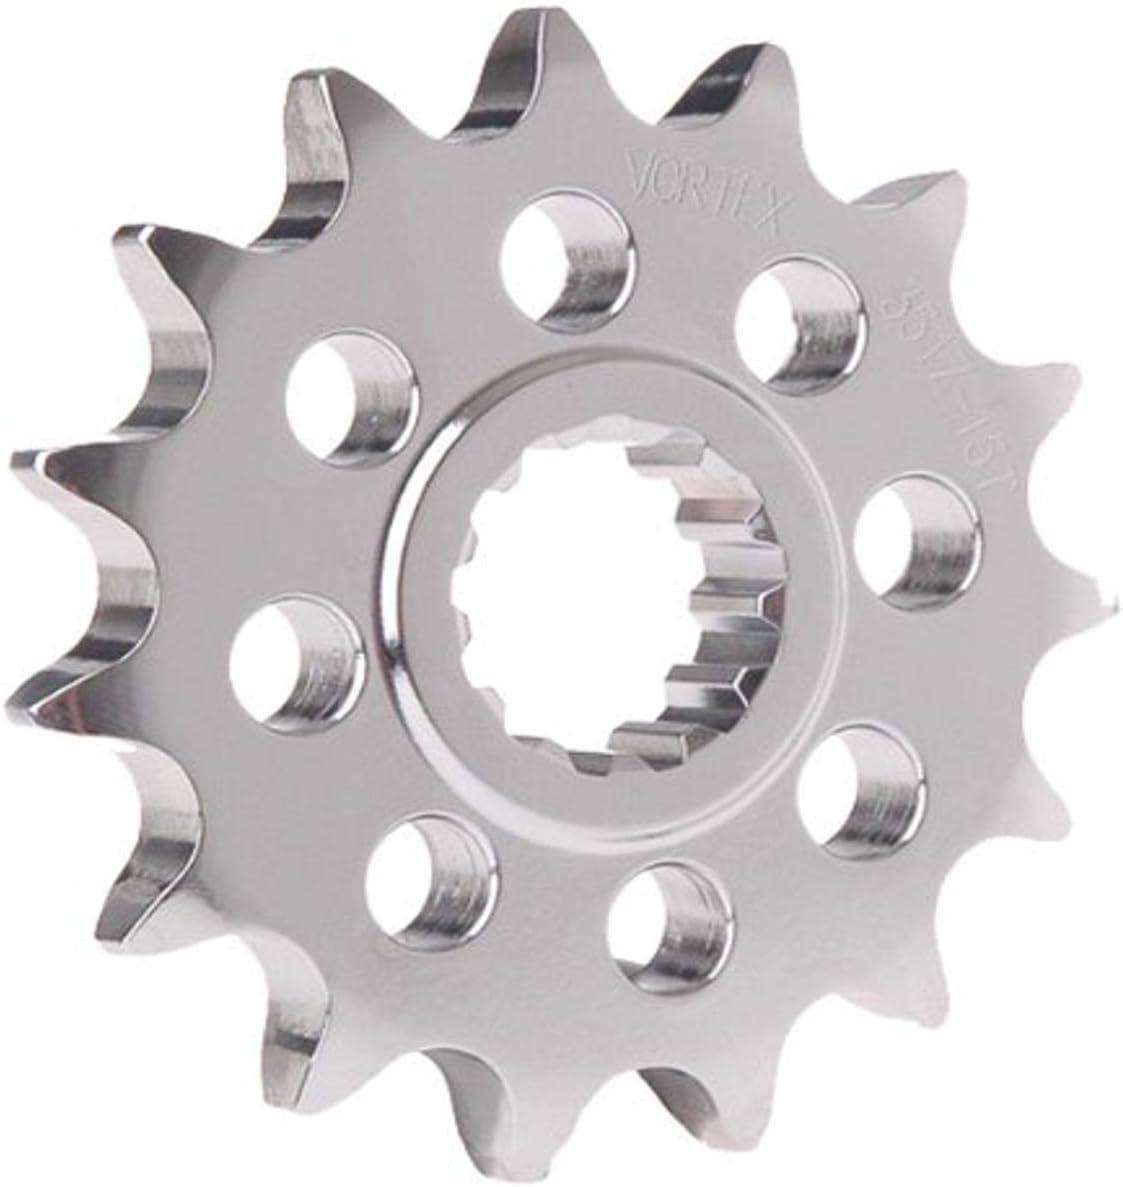 Vortex 523-59 Silver 59-Tooth Rear Sprocket